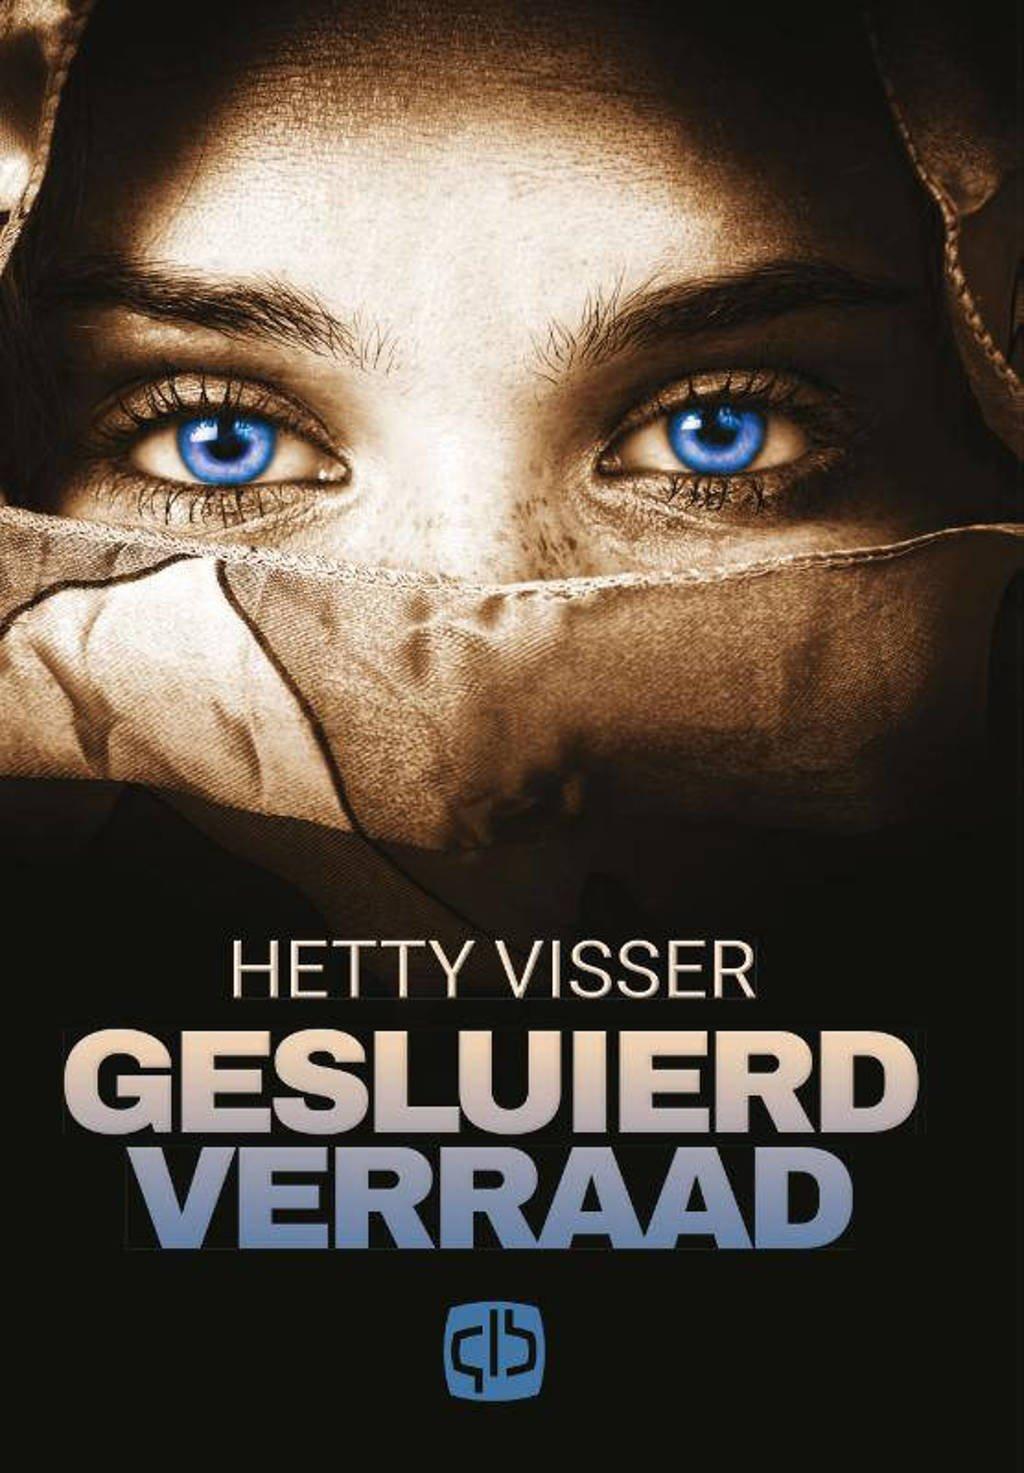 Gesluierd verraad - Hetty Visser